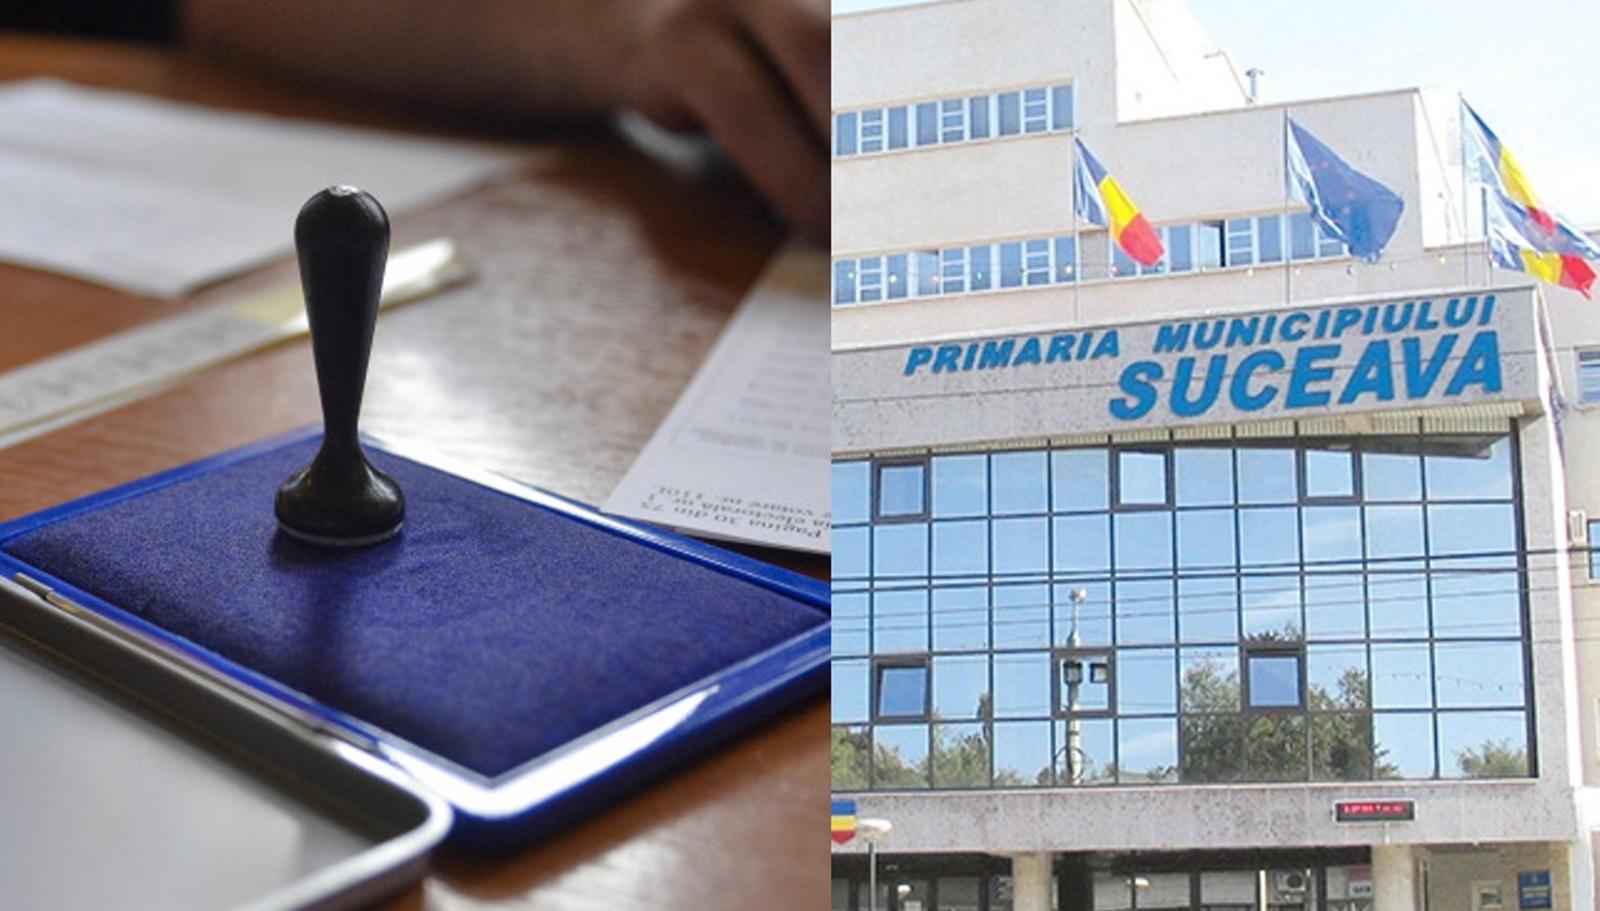 Rezultate alegeri locale 2020. Cine a câștigat Primăria ...  |Alegeri Locale Sibiu 2020